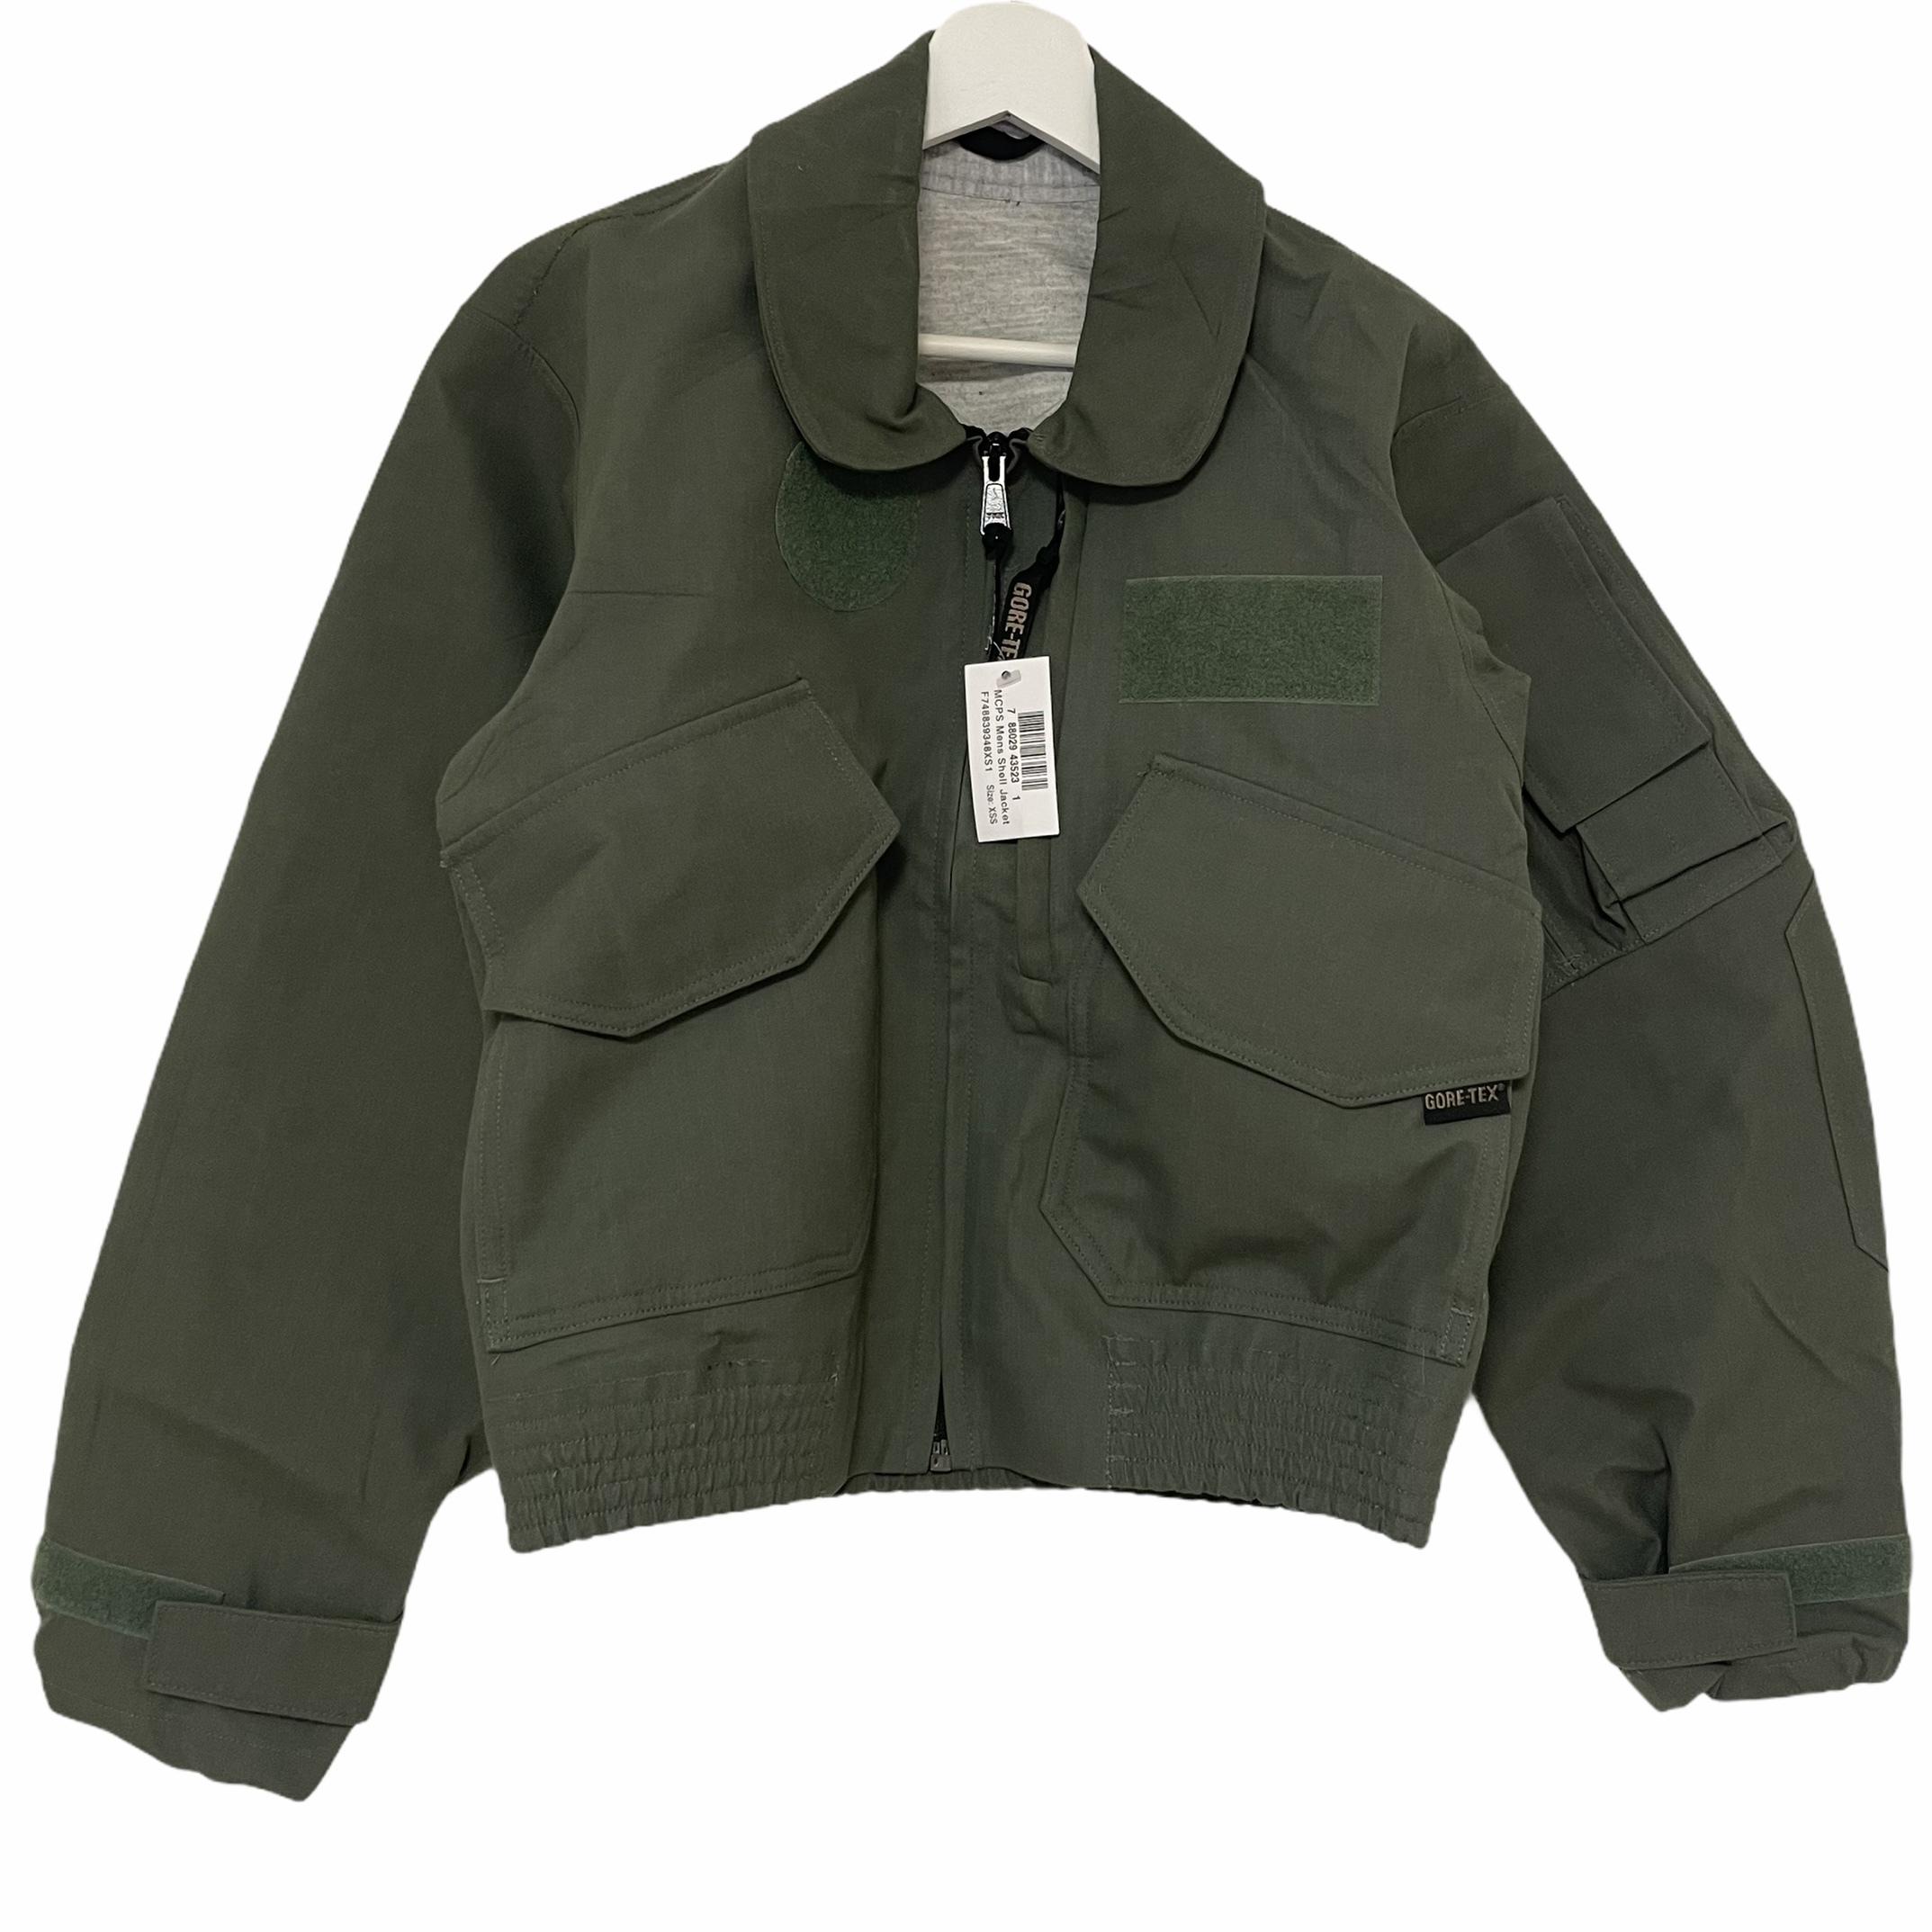 Dead Stock 00's U.S.NAVY MCPS GORE-TEX Flight Jacket 【XS-S】